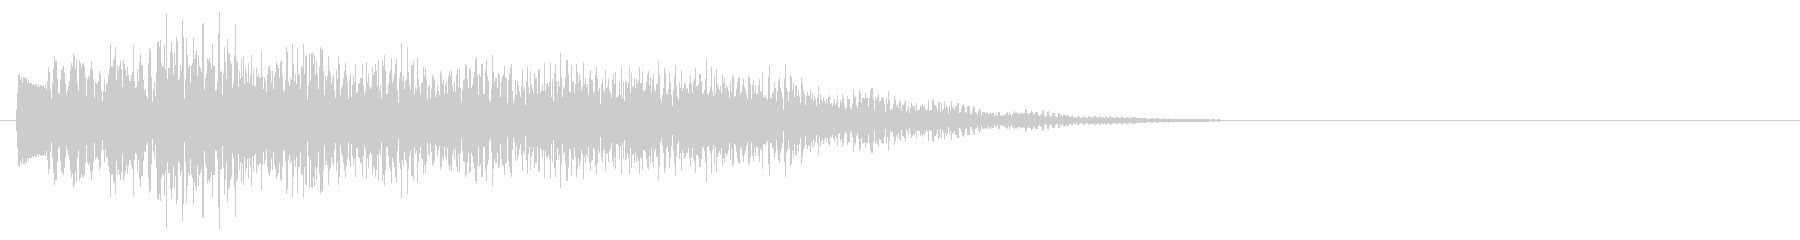 マレット系 タッチ音3(長)の未再生の波形